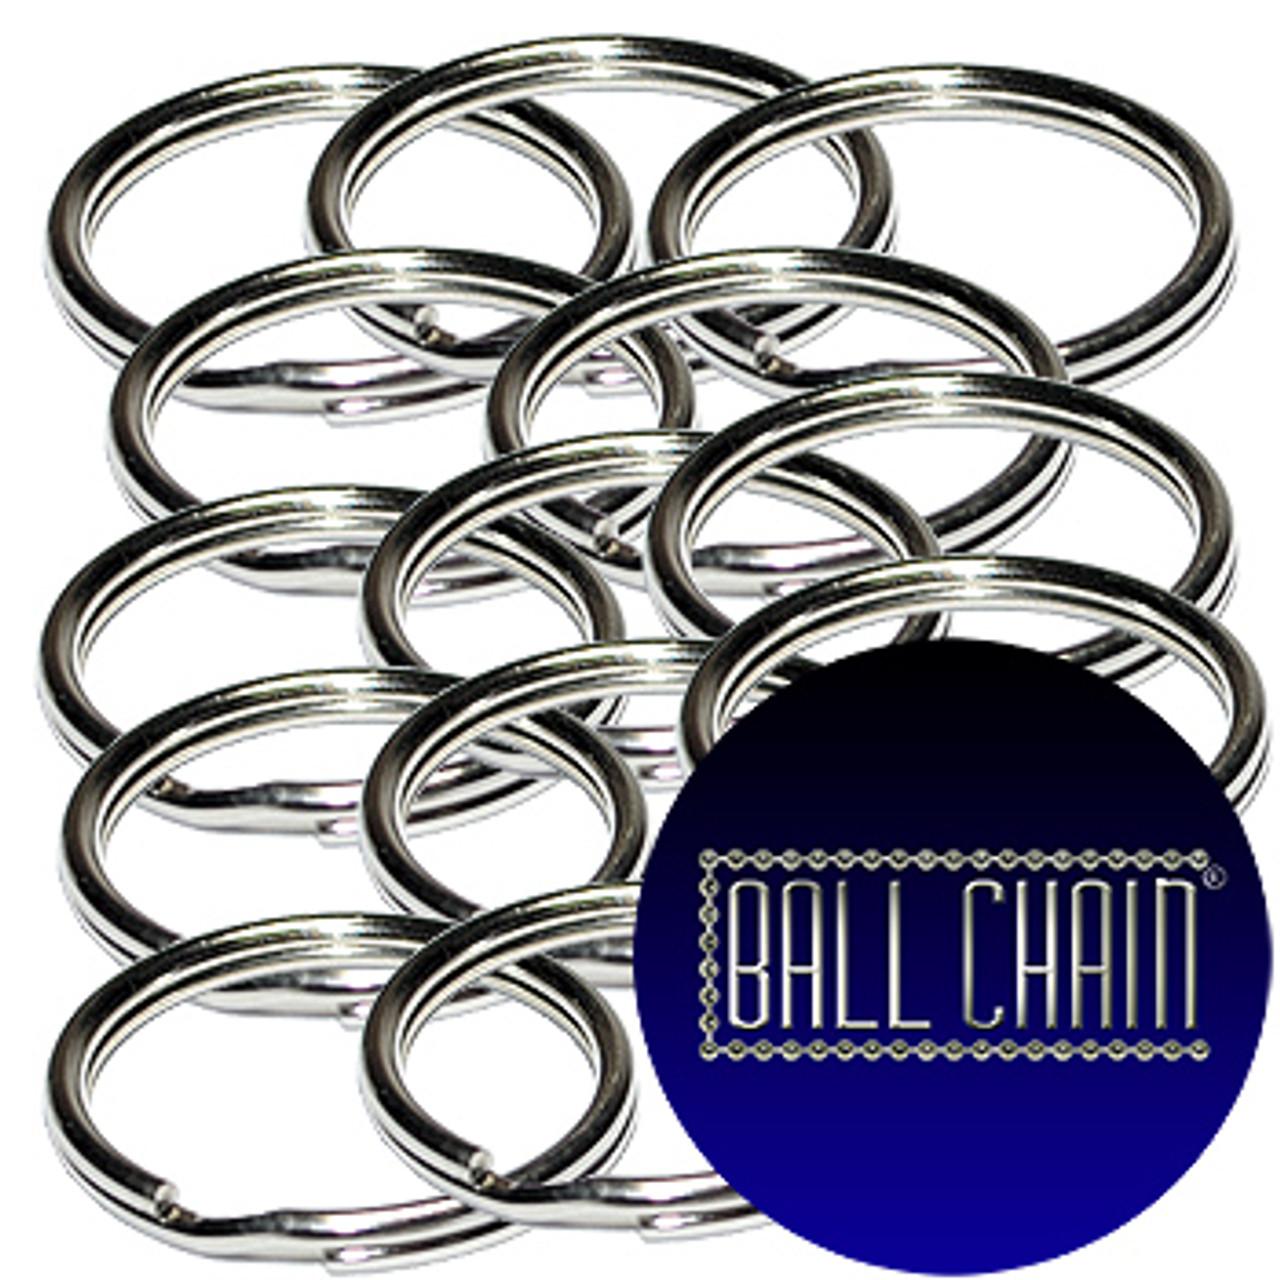 2 Inch Nickel Plated Steel Split Key Rings